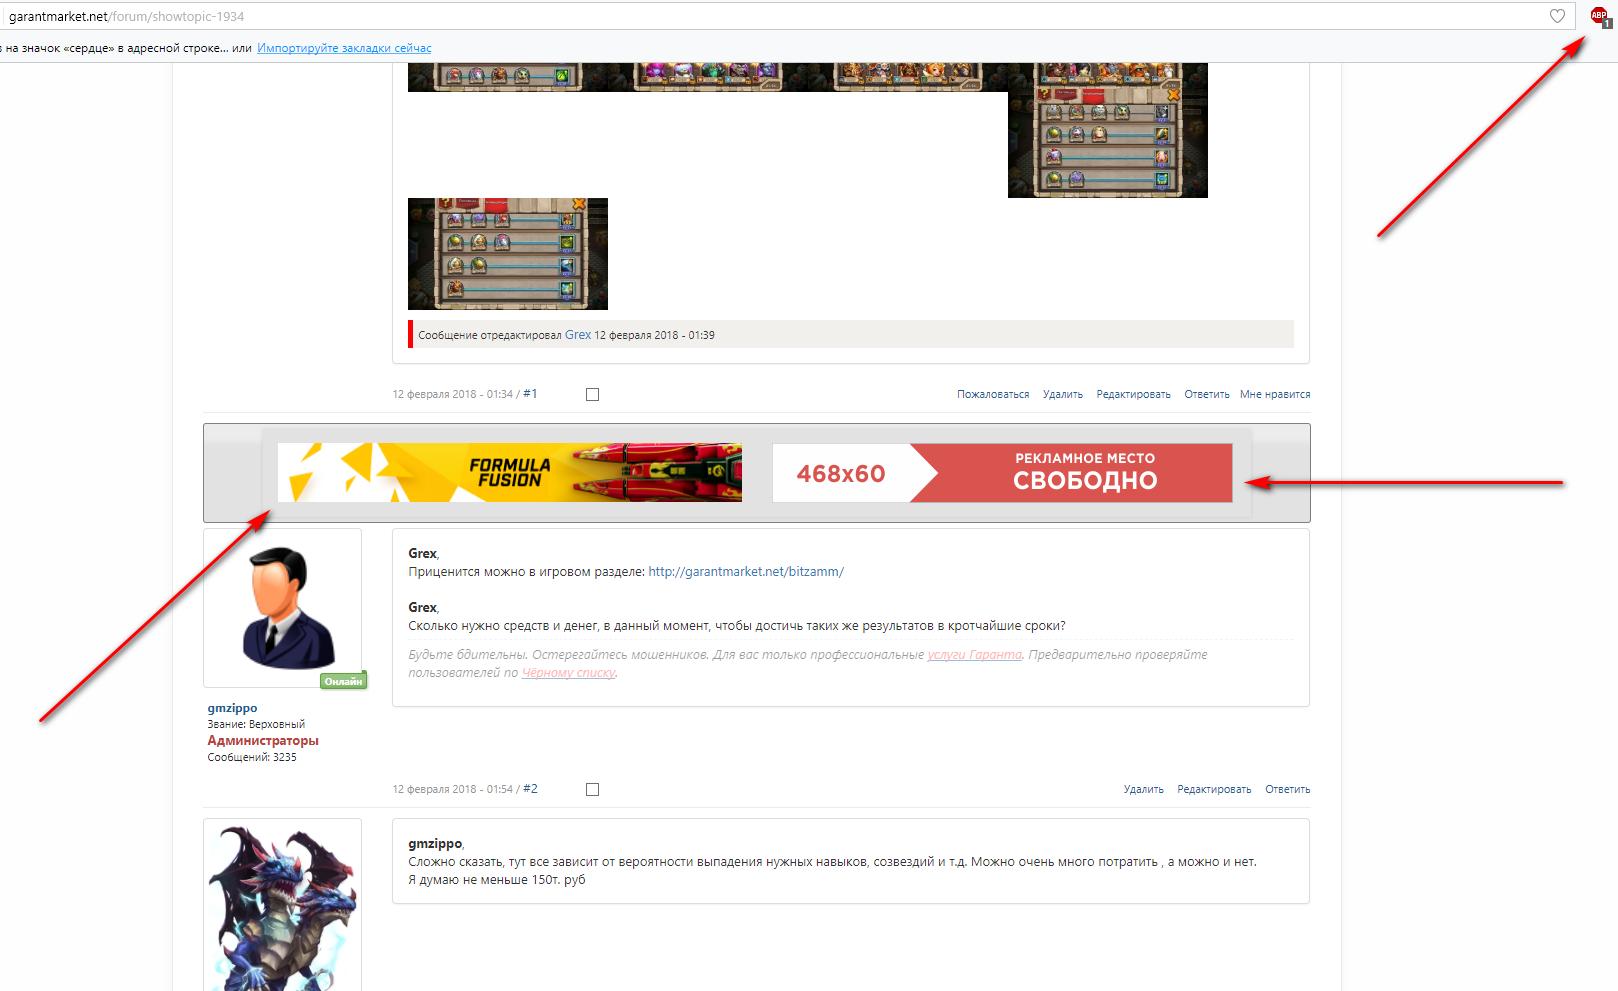 Форум можете заказать рекламу данном проекте где лучше рекламировать сайт про покер